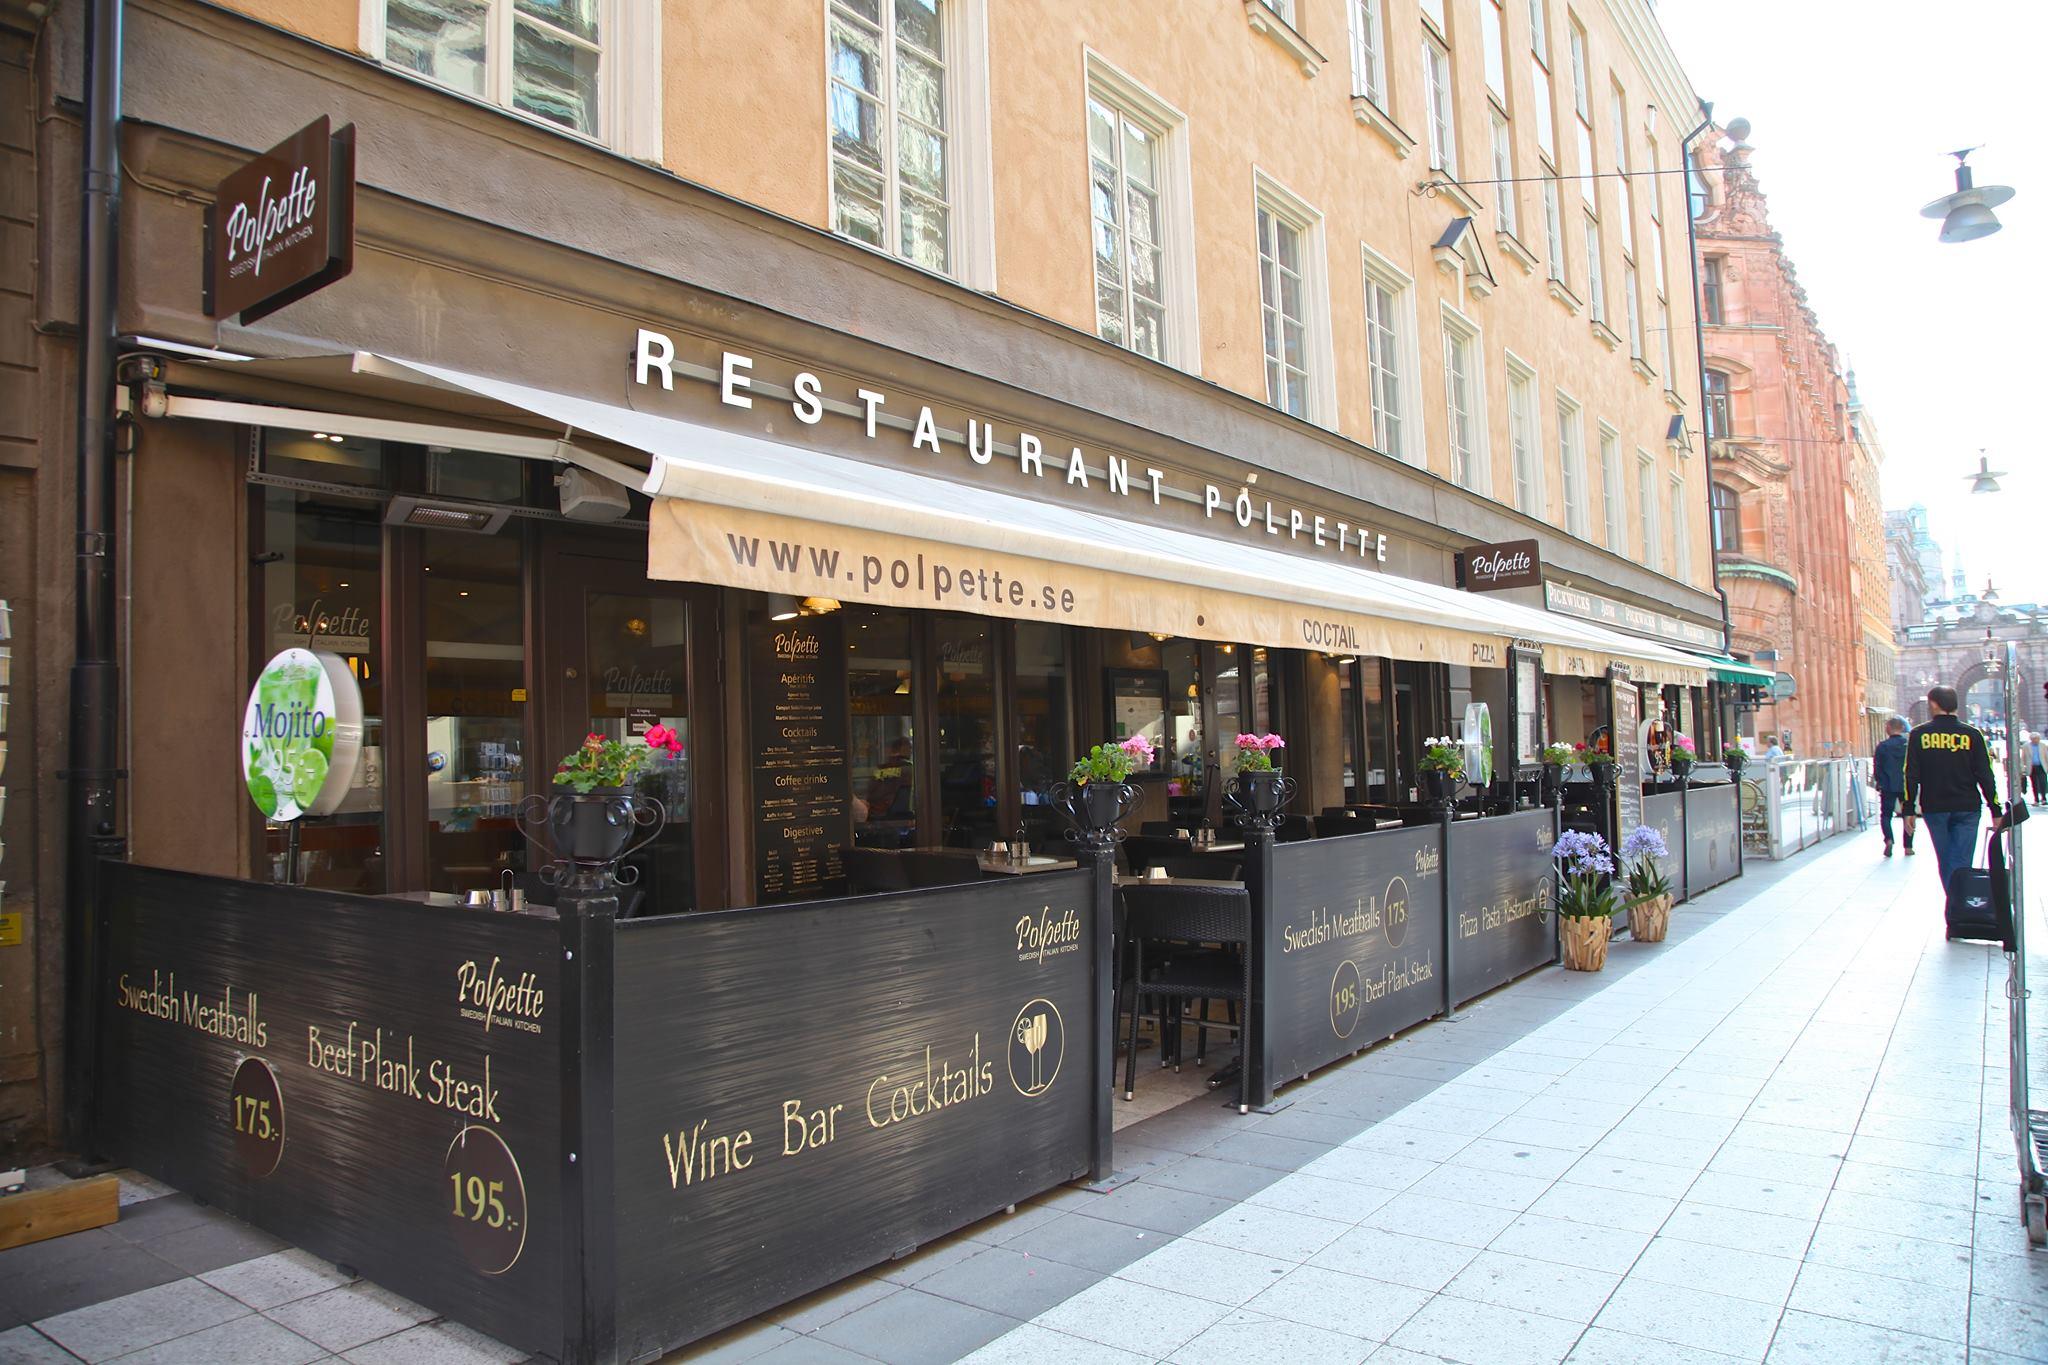 Polpette_Drottninggatan_6_Fostia_Företagsbyrå